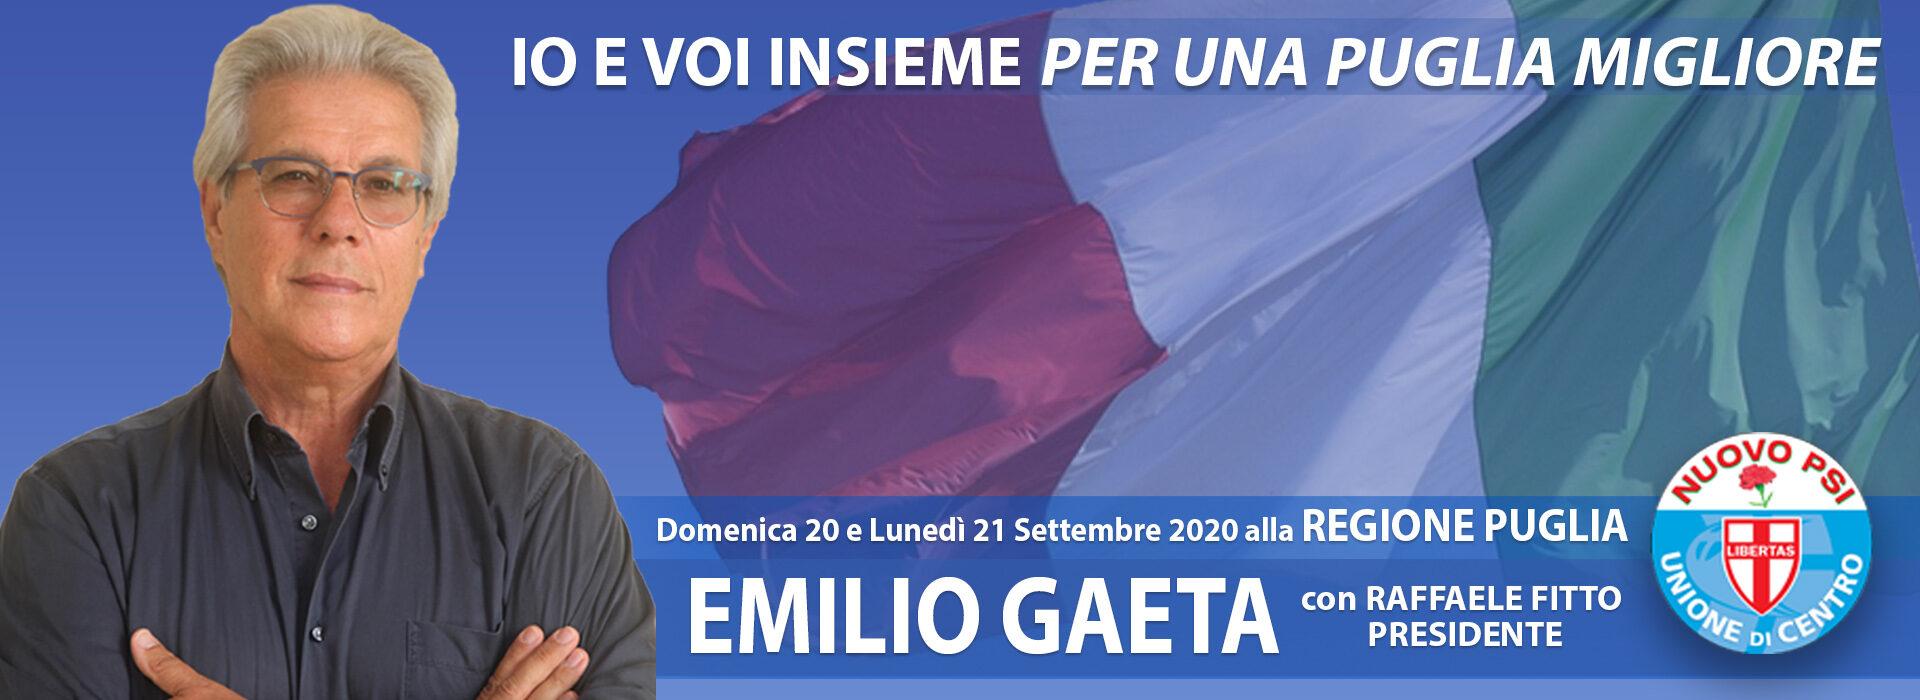 Emilio Gaeta